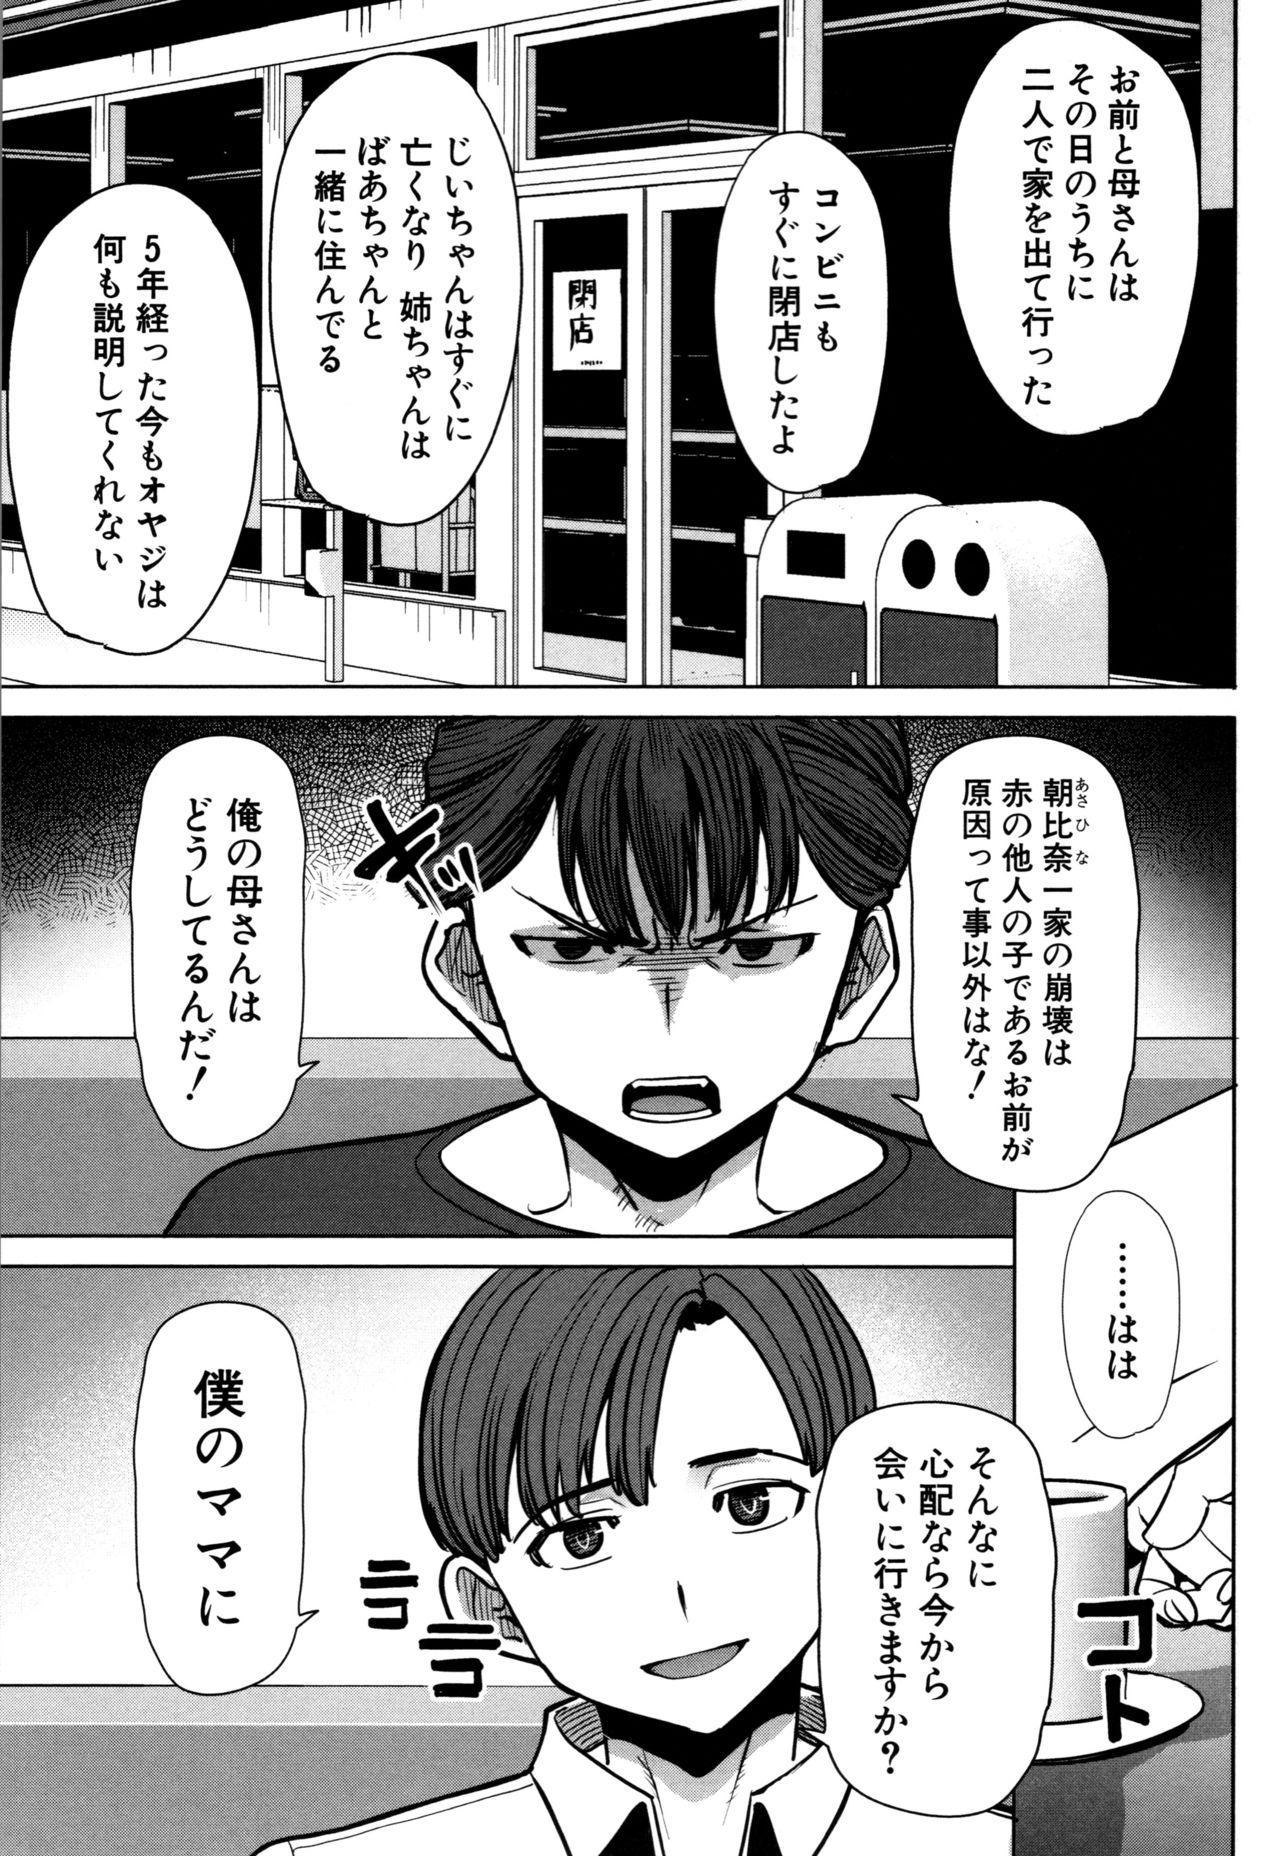 Unsweet - Asahina Ikka Netorareta Haha · Tomoko 150